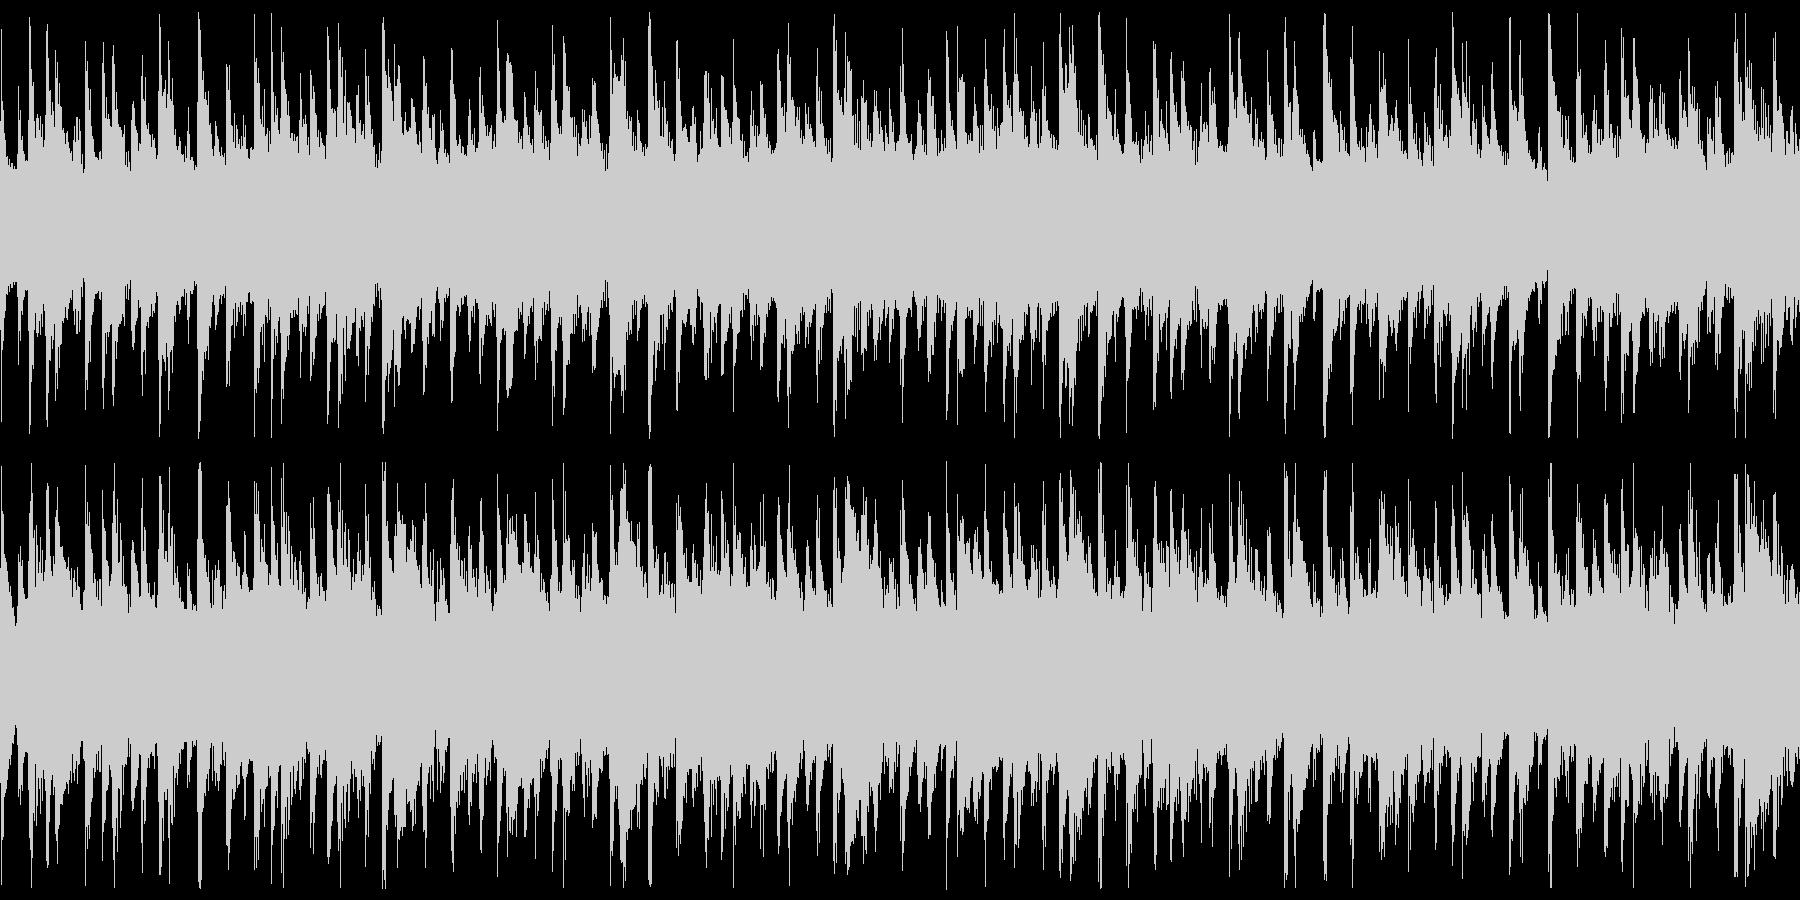 西アフリカ リュート型弦楽器 アップ1の未再生の波形